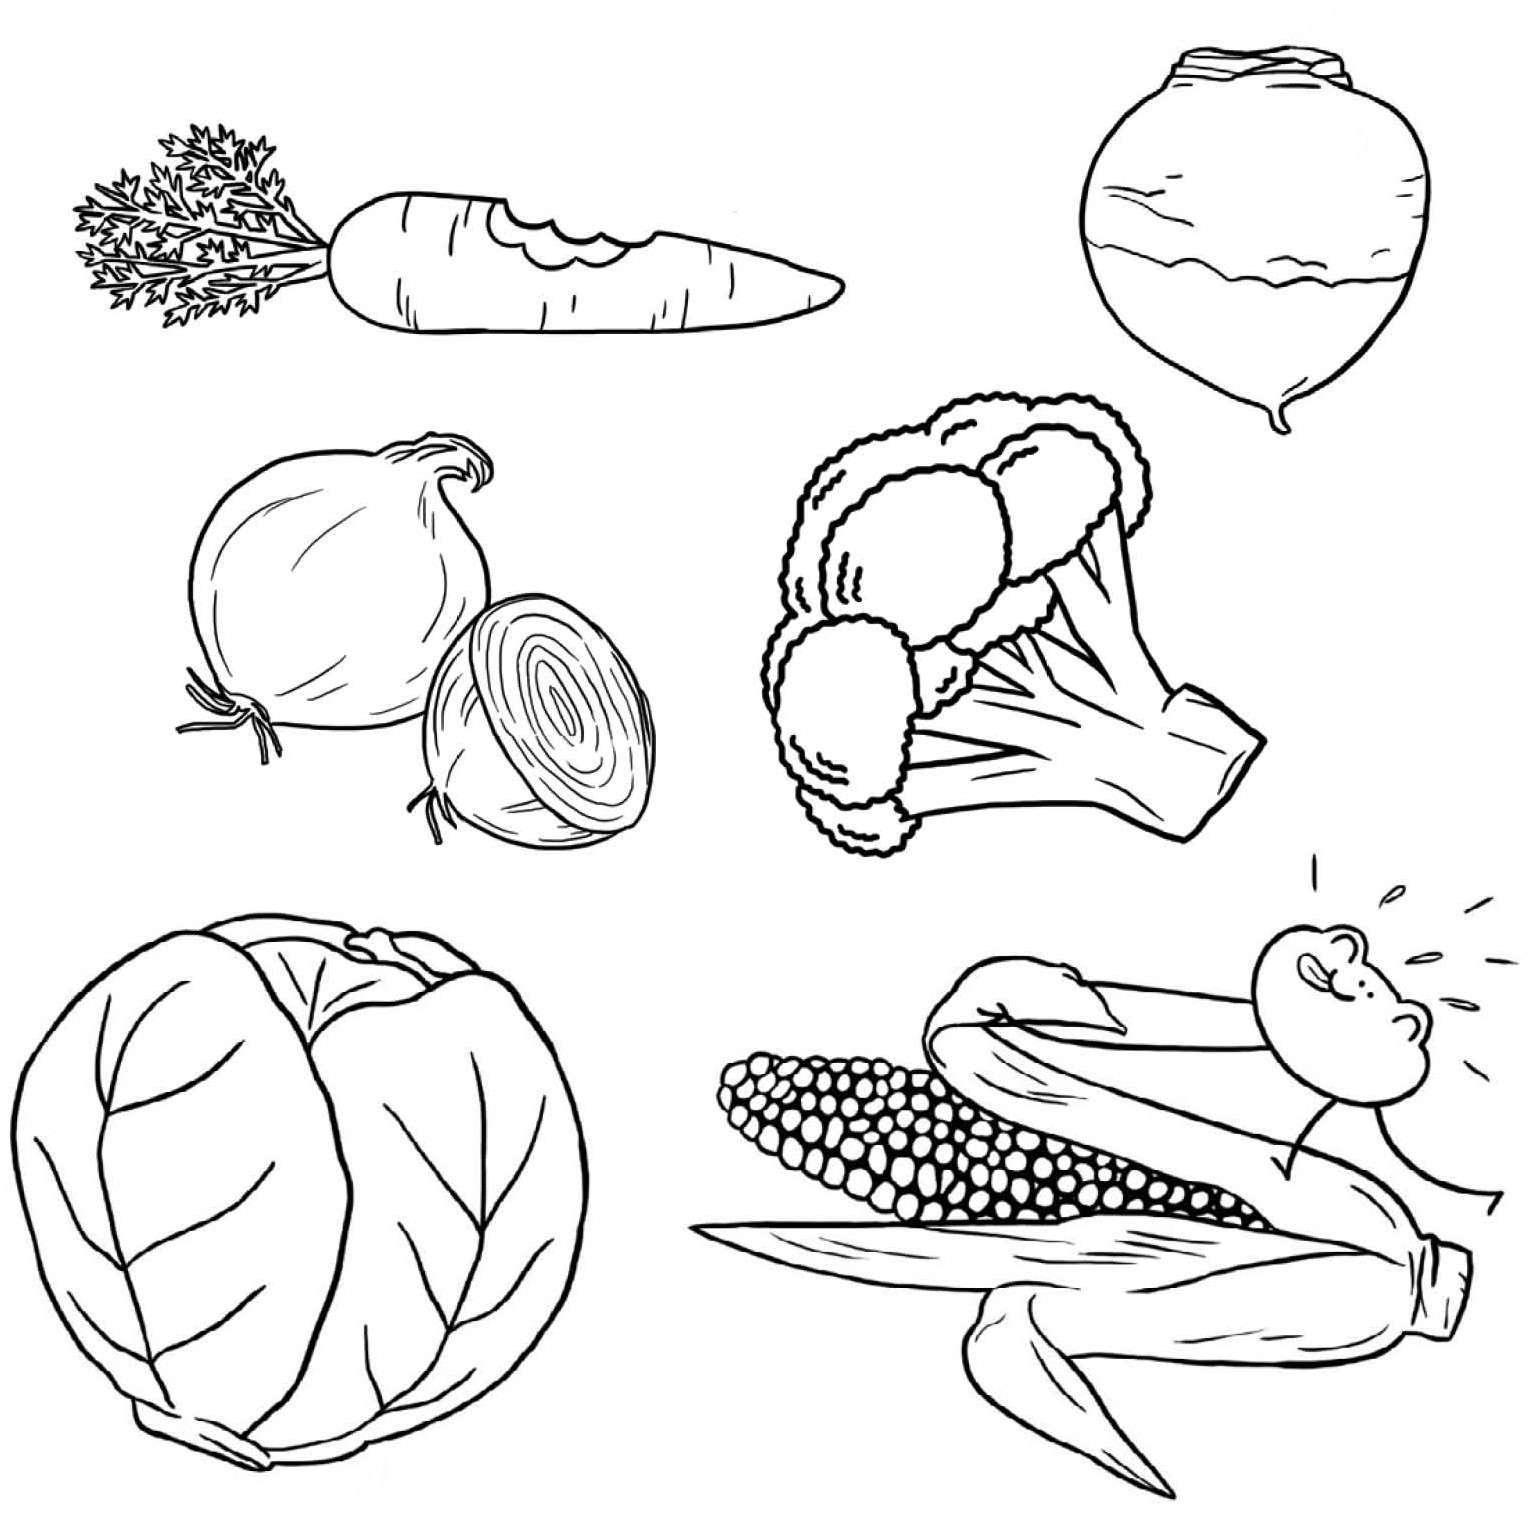 Coloriage les l gumes jeux et outils fondation olo - Dessin de legumes ...